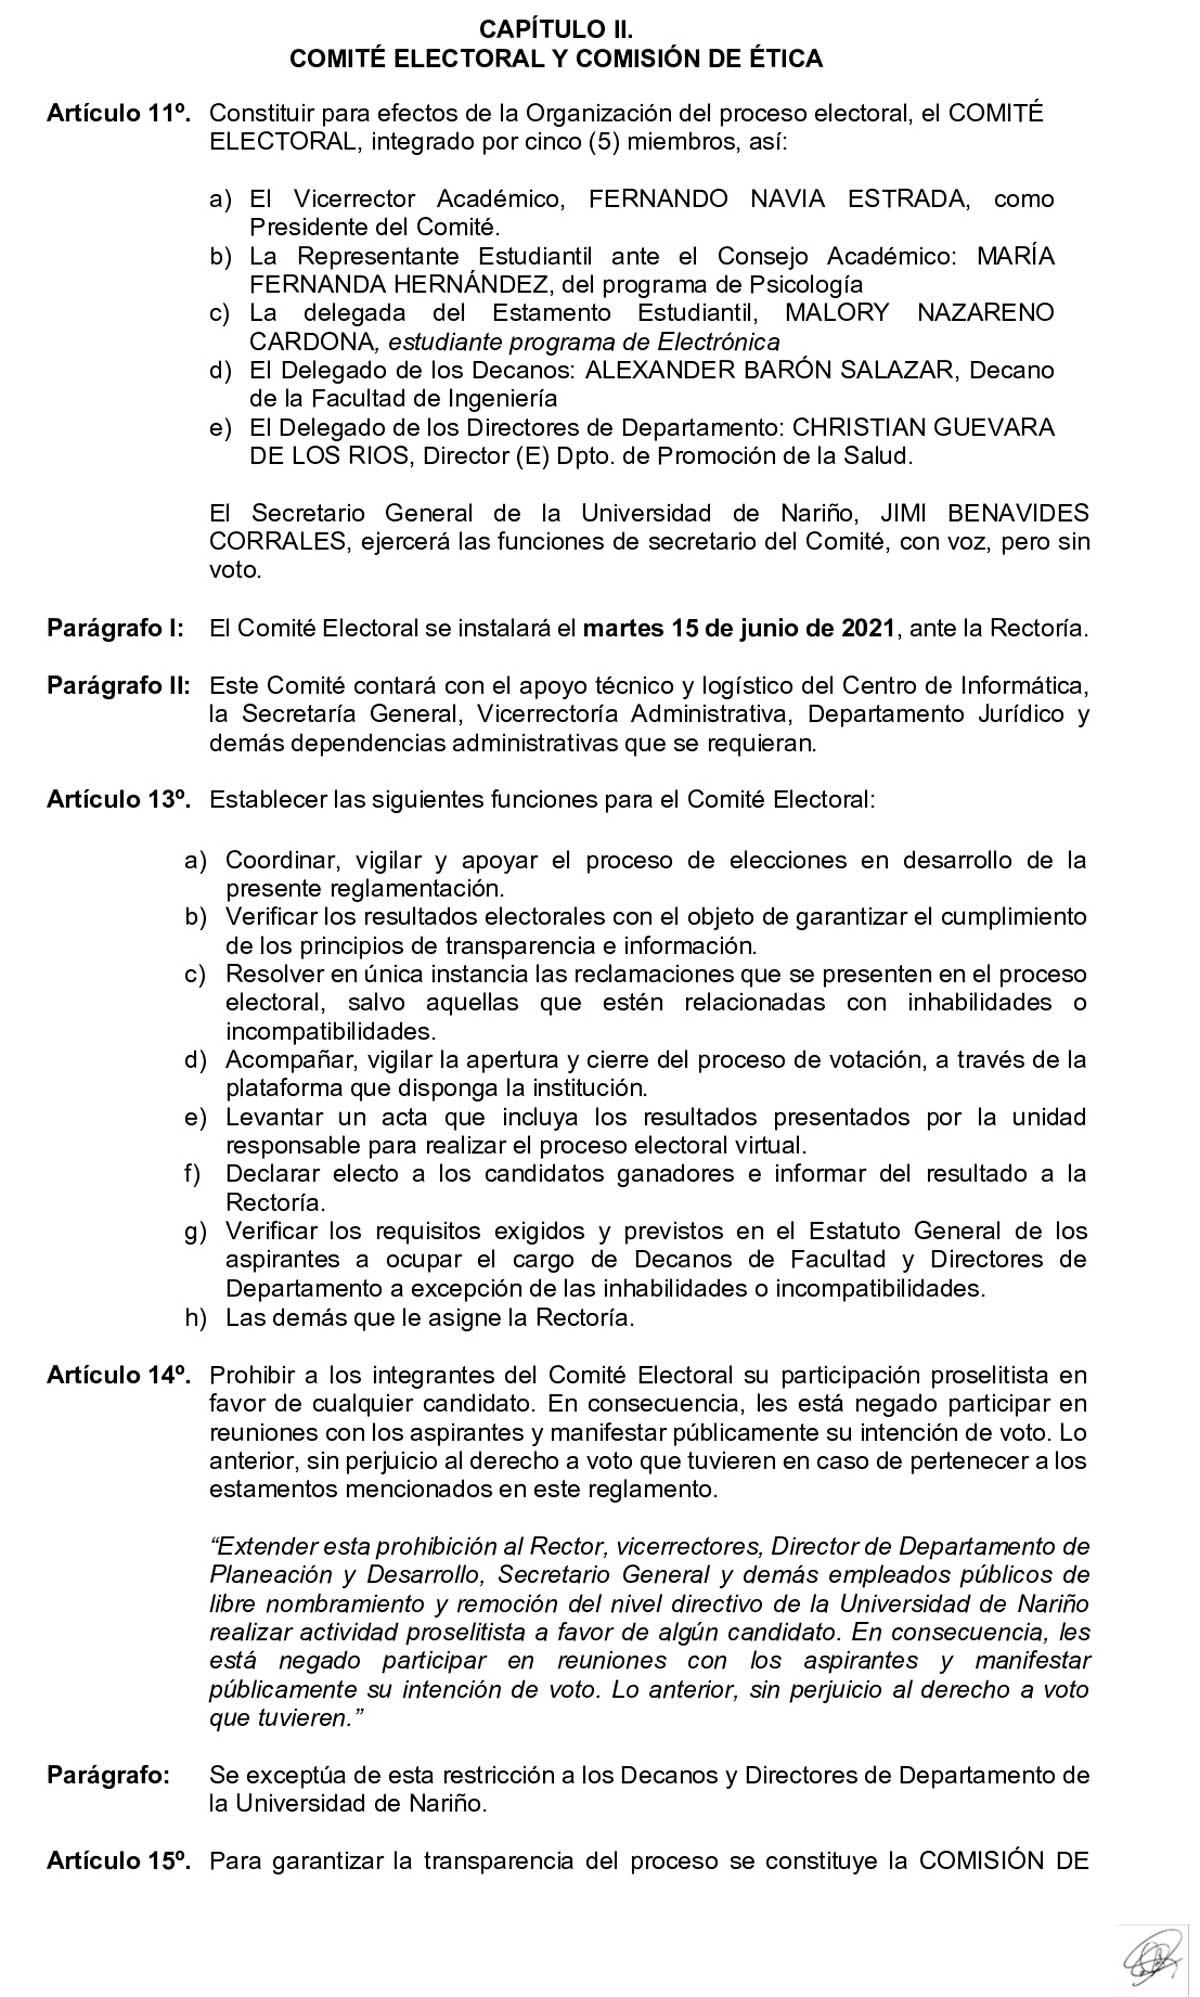 Resolucion-REGLAMENTO-ELECCIONES-DECANOS-DIRECTORES_page-0006-1